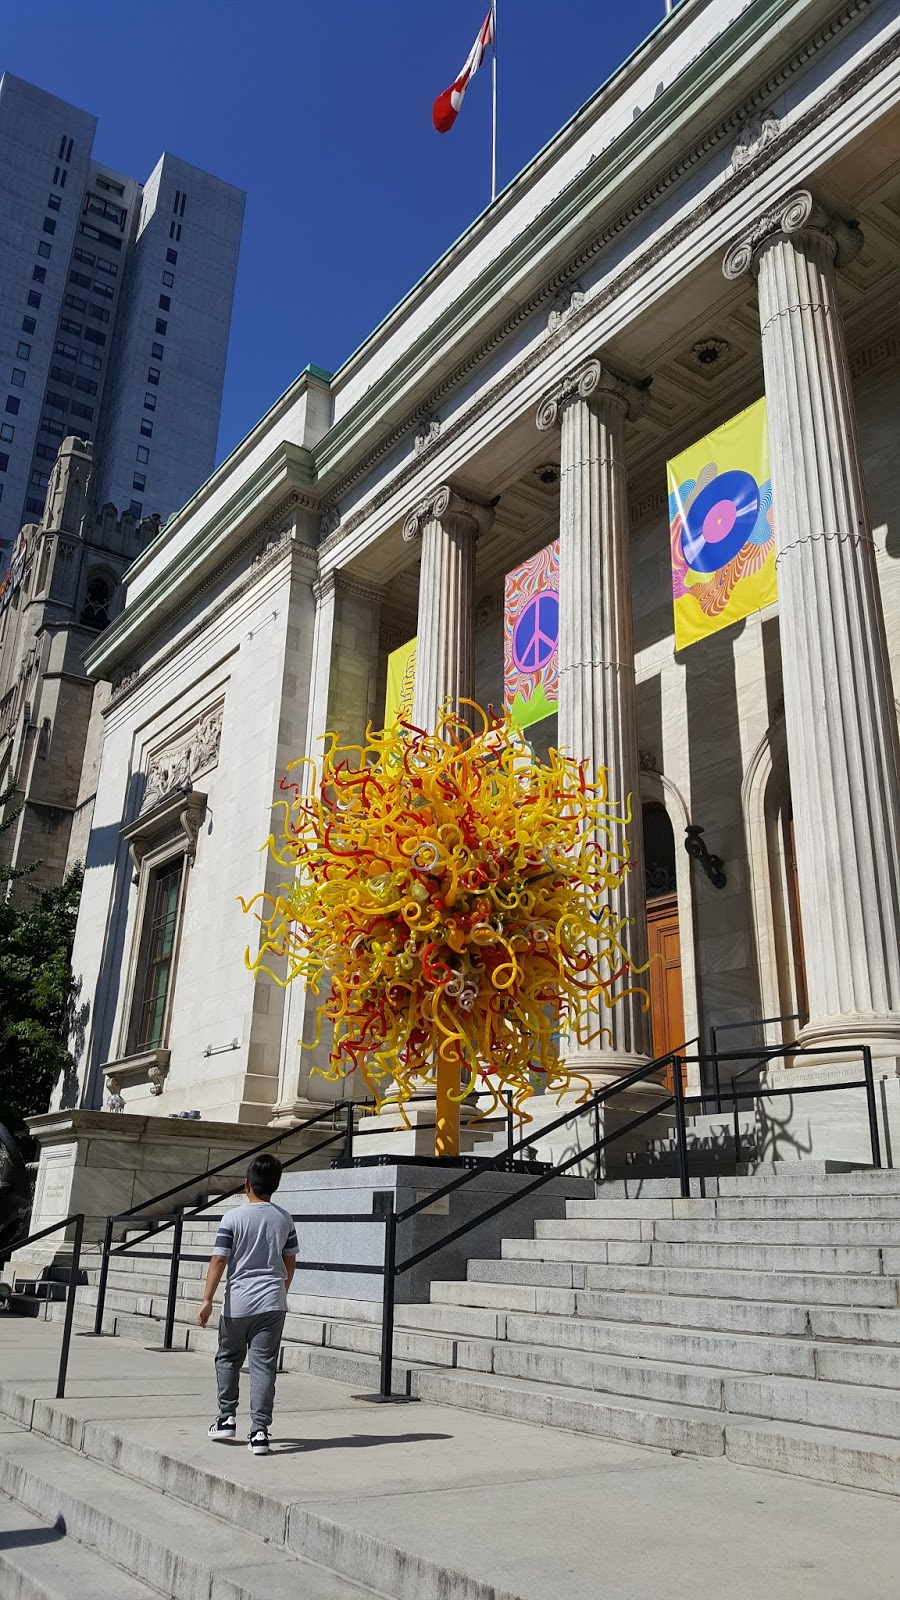 Secret Garden - Art Museum Of Montreal | museum | 3410 Avenue du Musée, Montréal, QC H3G 1K3, Canada | 5142852000 OR +1 514-285-2000